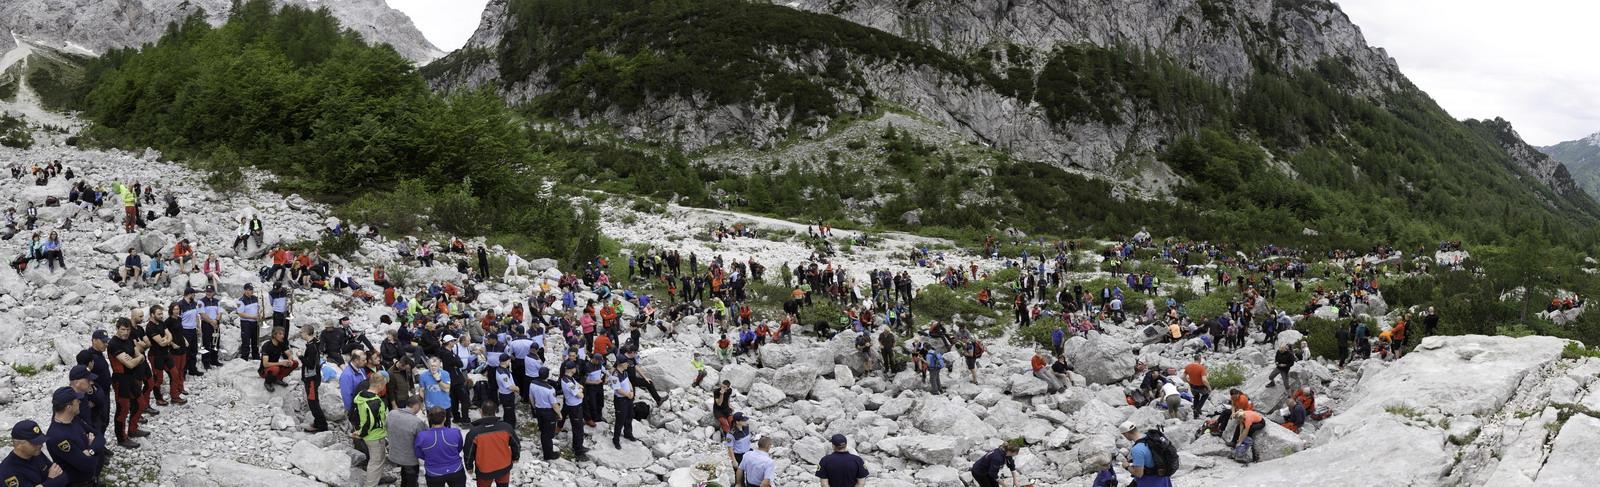 Proslava ob 20 obletnici nesreče na Okrešlju